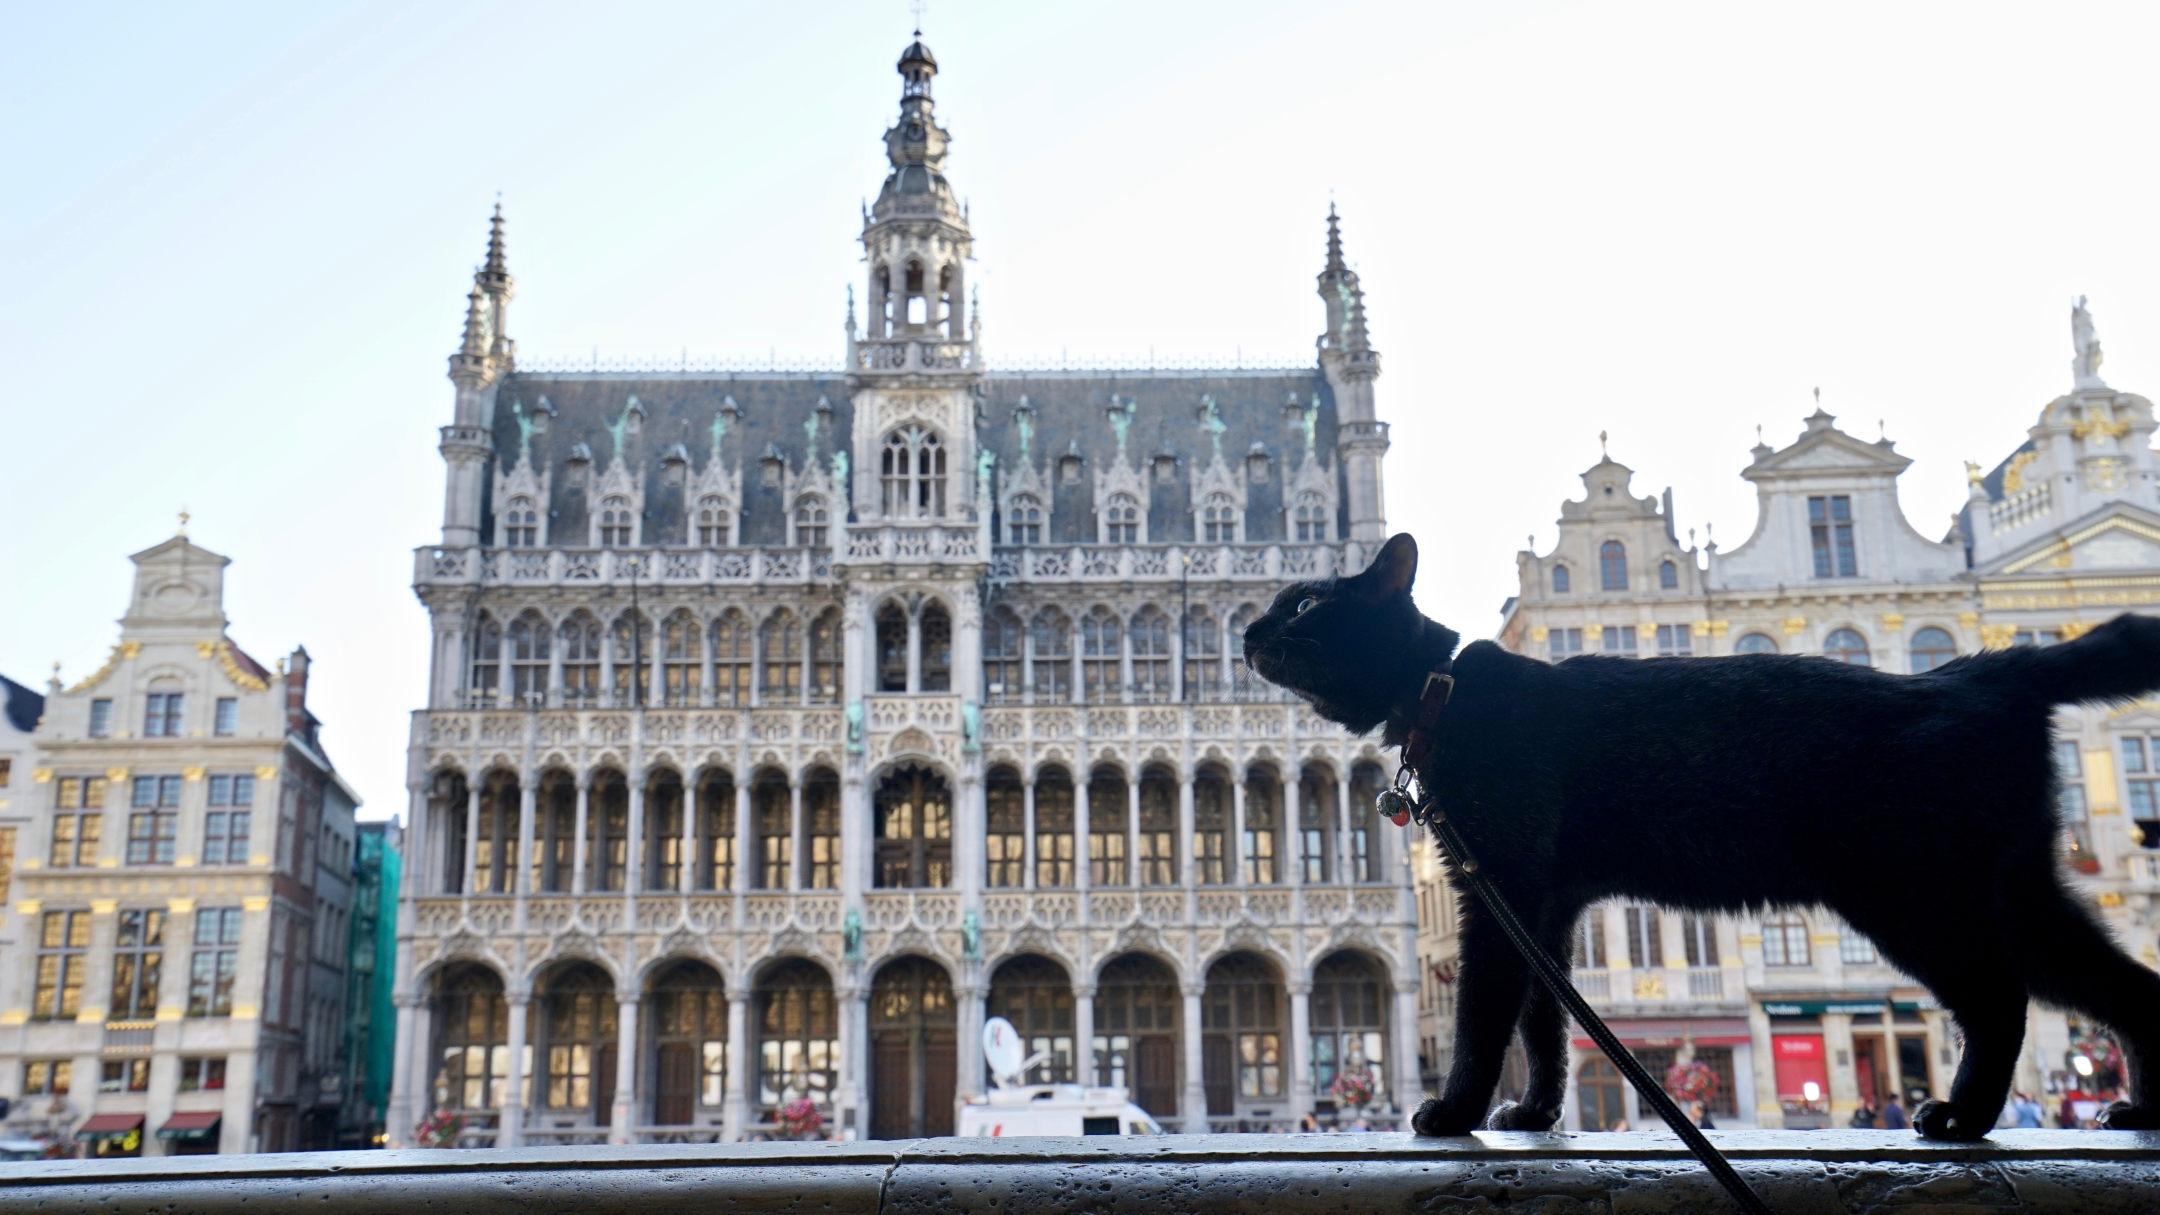 猫と世界旅行!?黒猫と飼い主がたどり着いた、旅と写真のライフスタイル